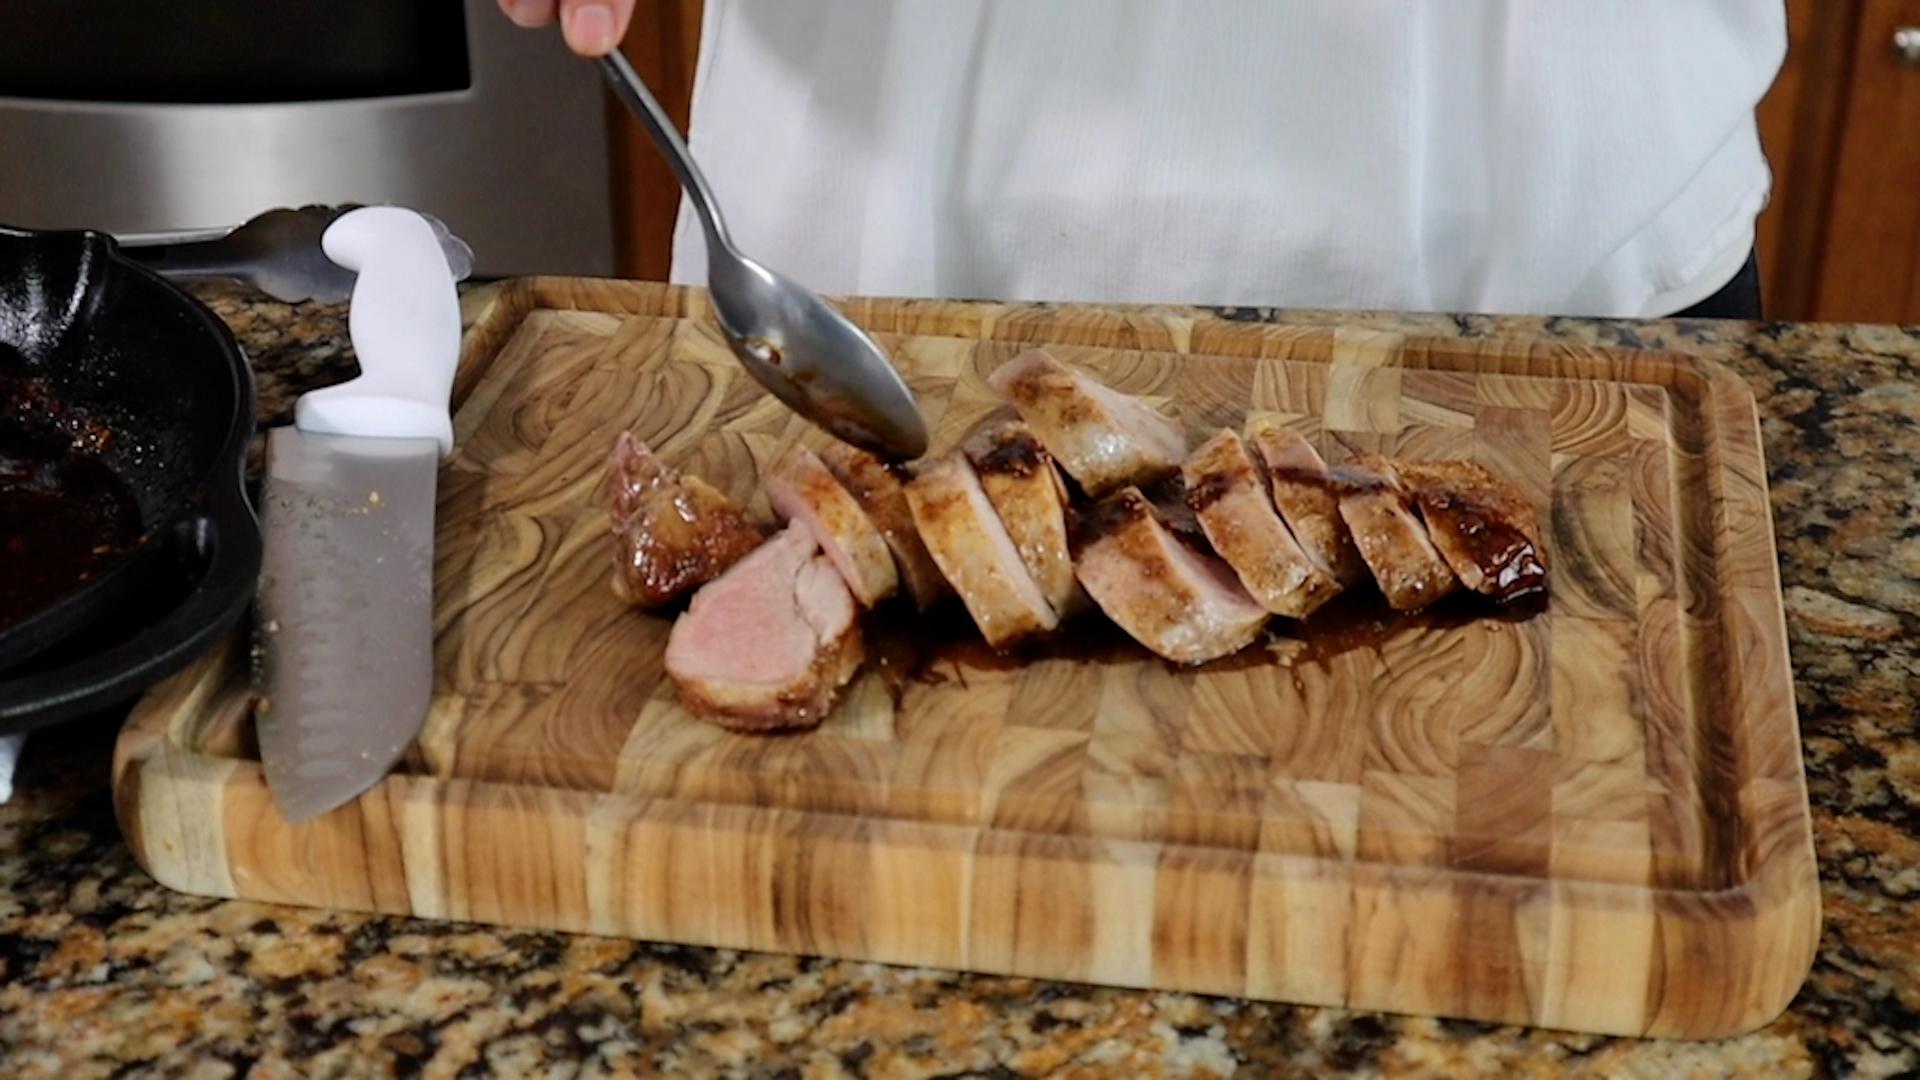 drizzling balsamic glaze over sliced pork tenderloin